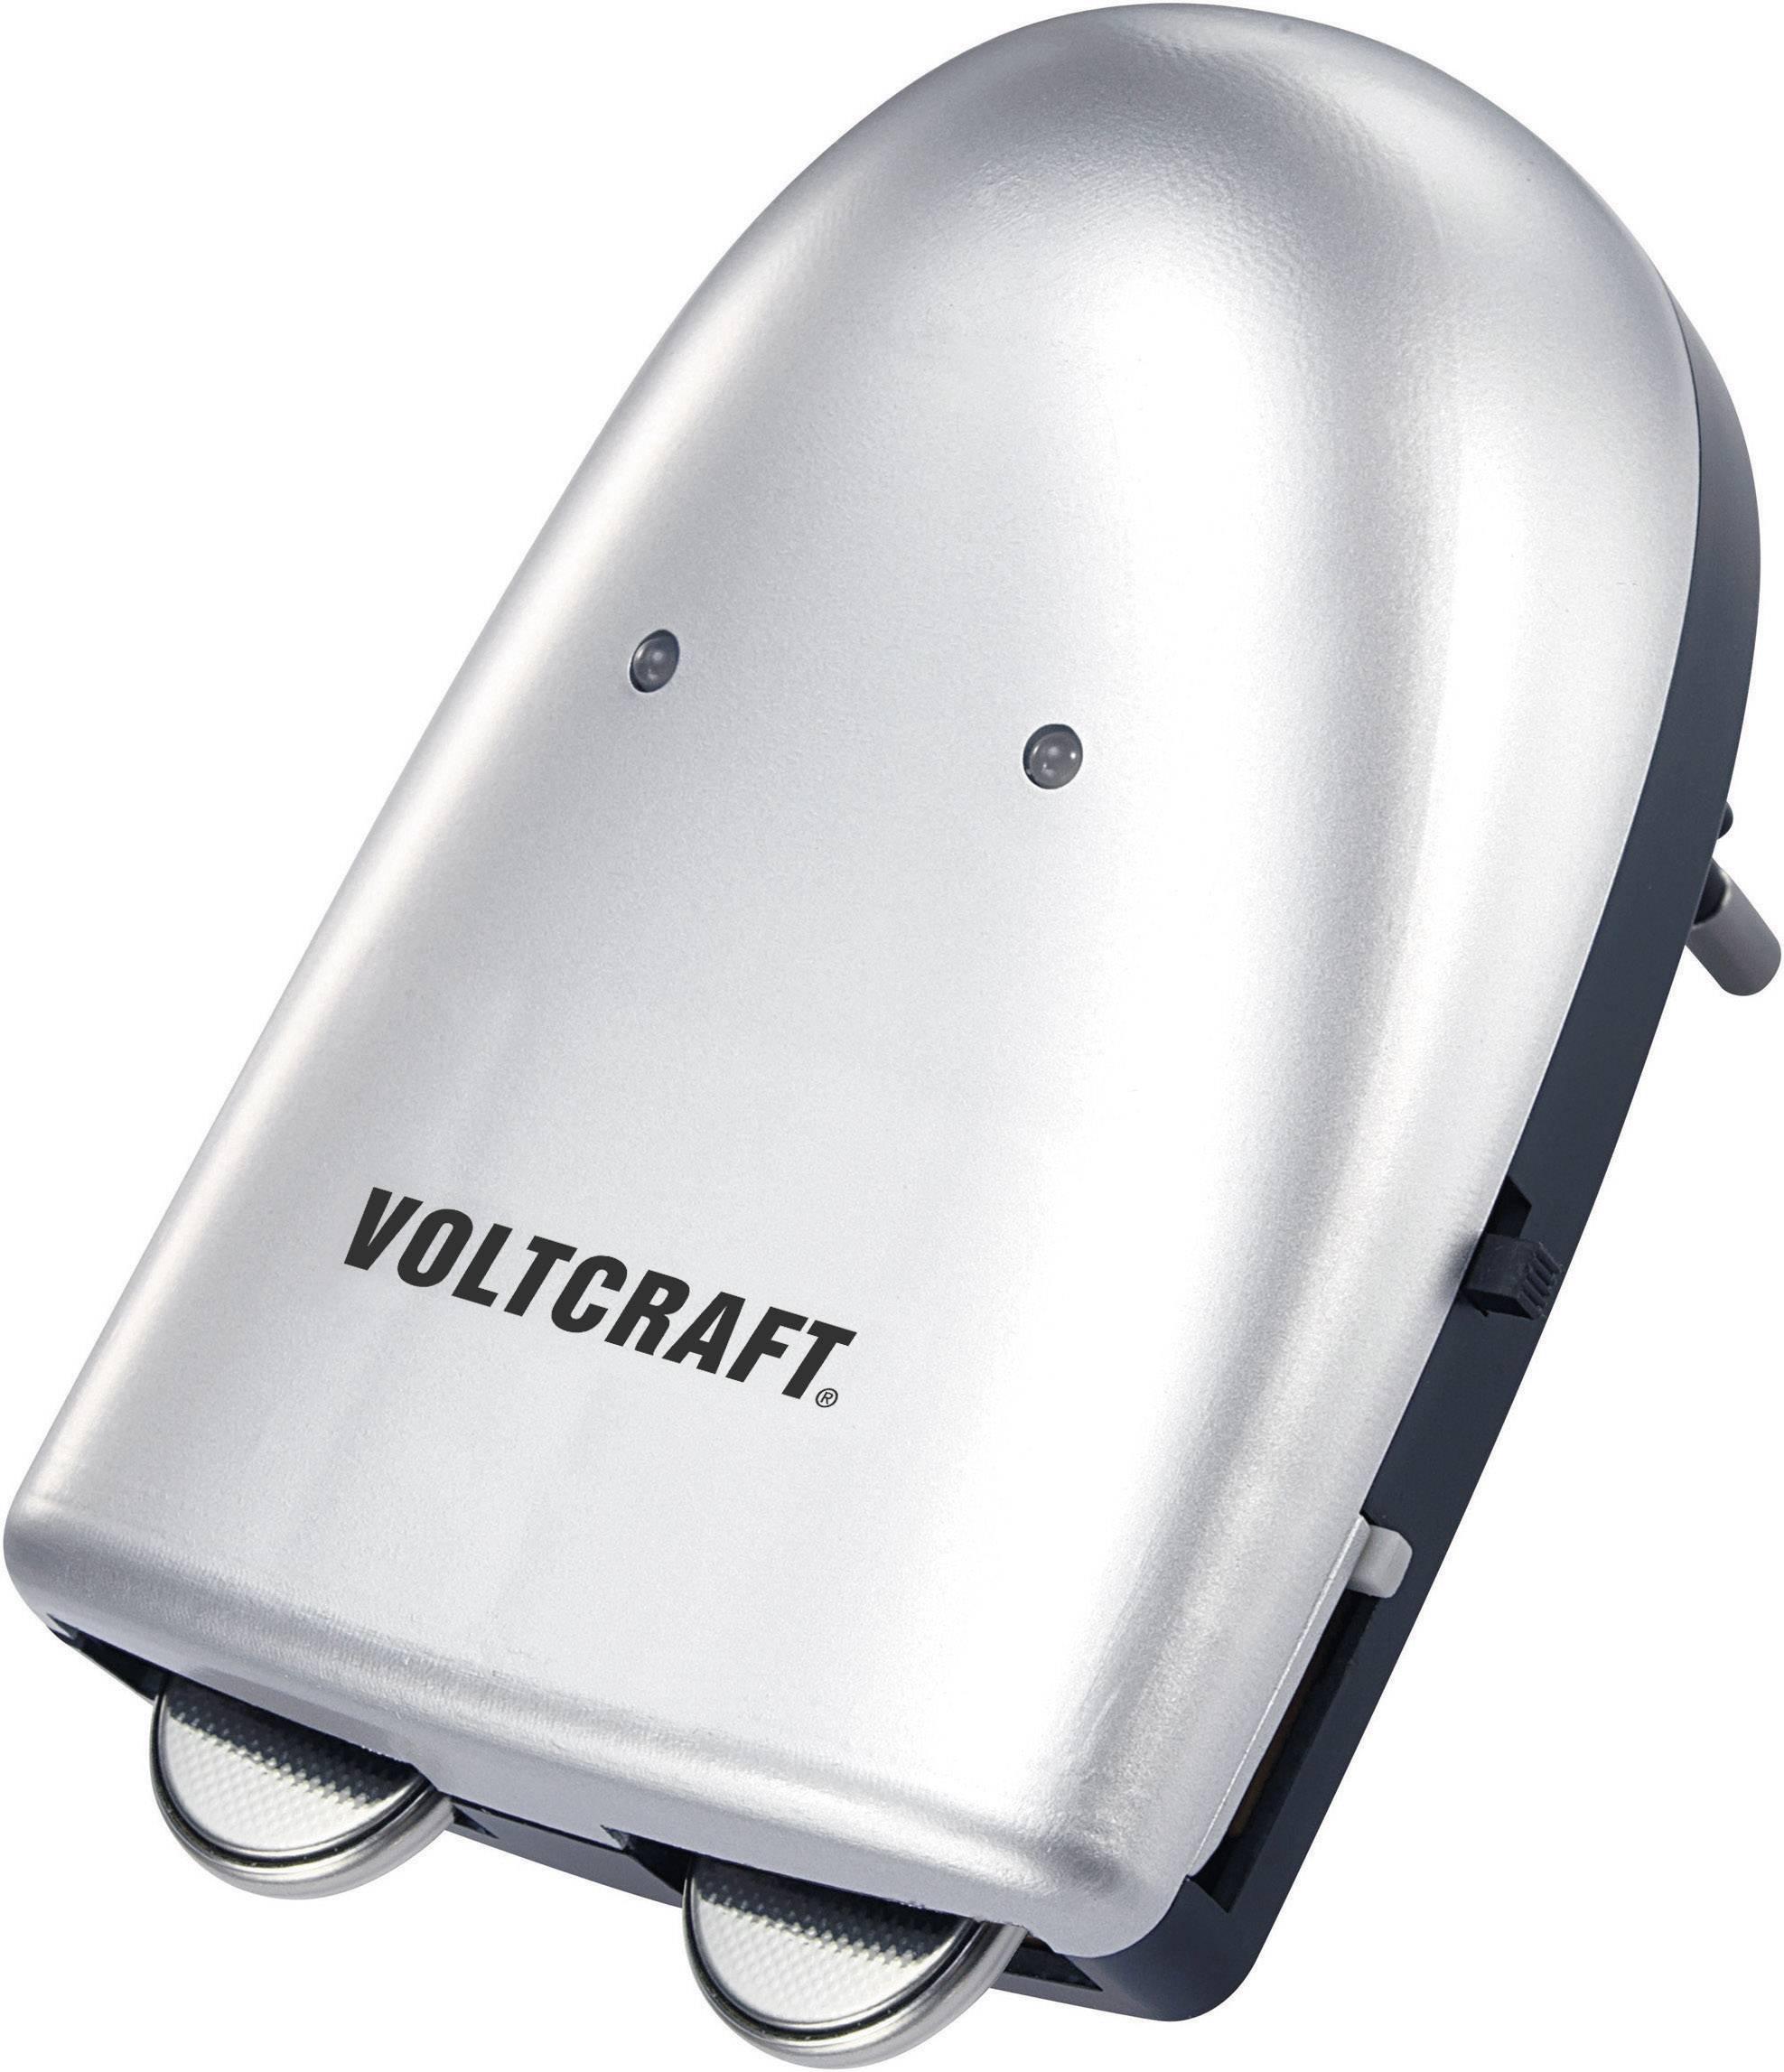 Lítiová gombíková nabíjačka Voltcraft